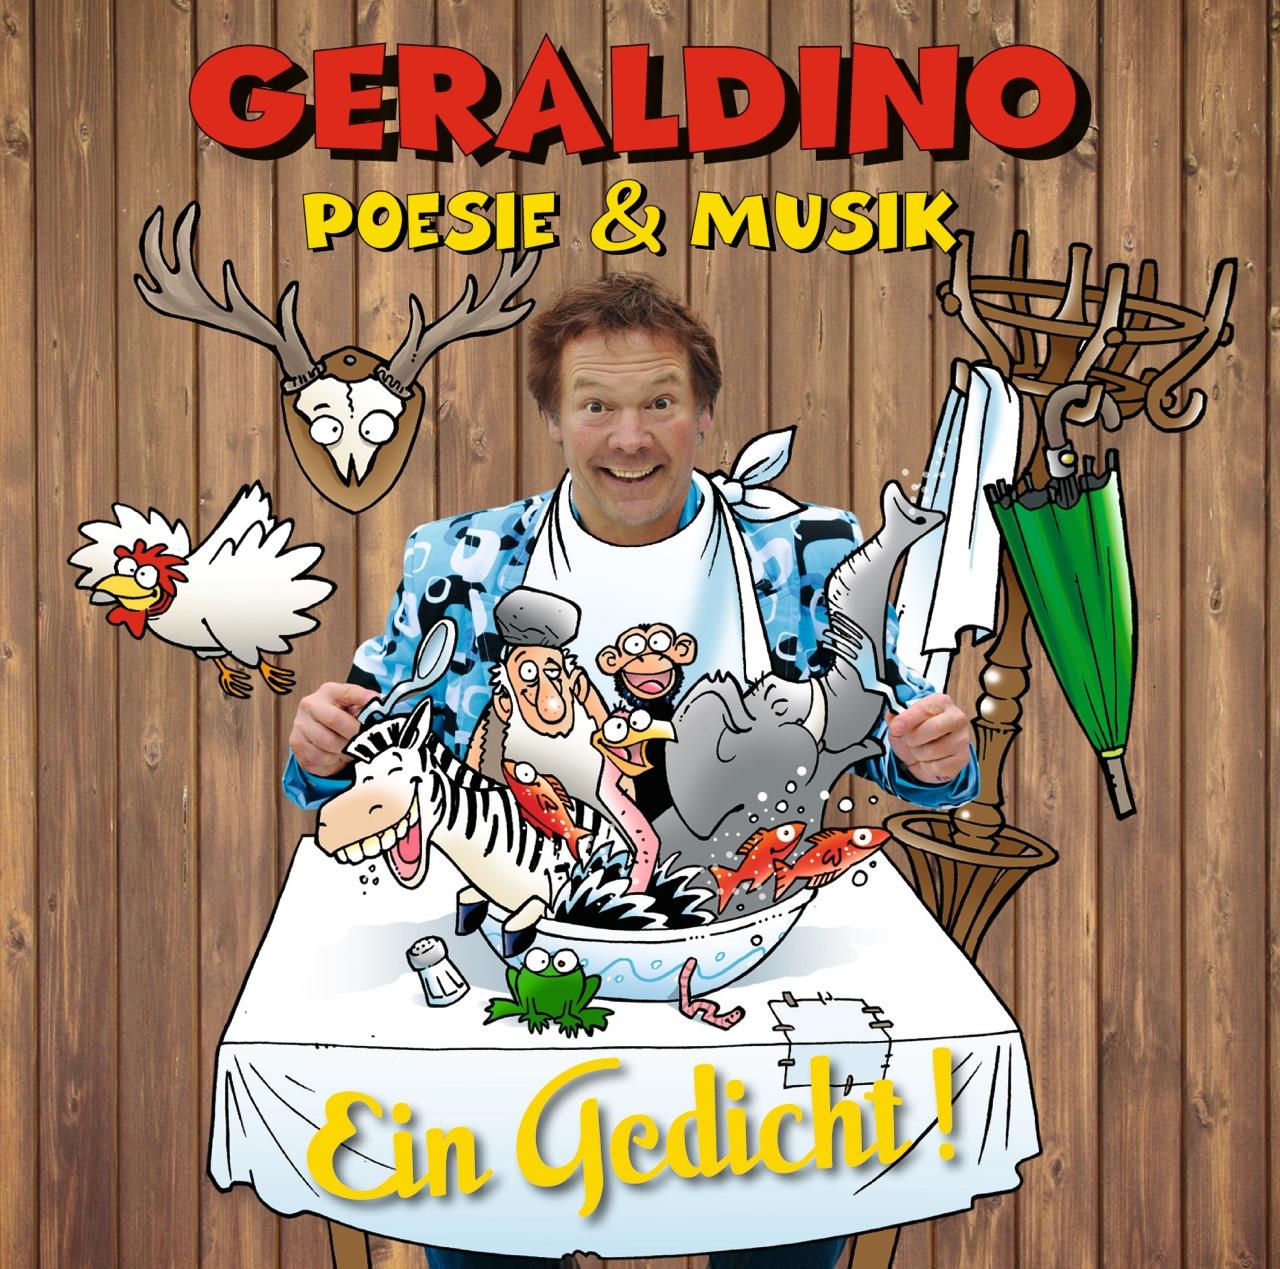 Ein Gedicht!: Poesie & Musik - Geraldino